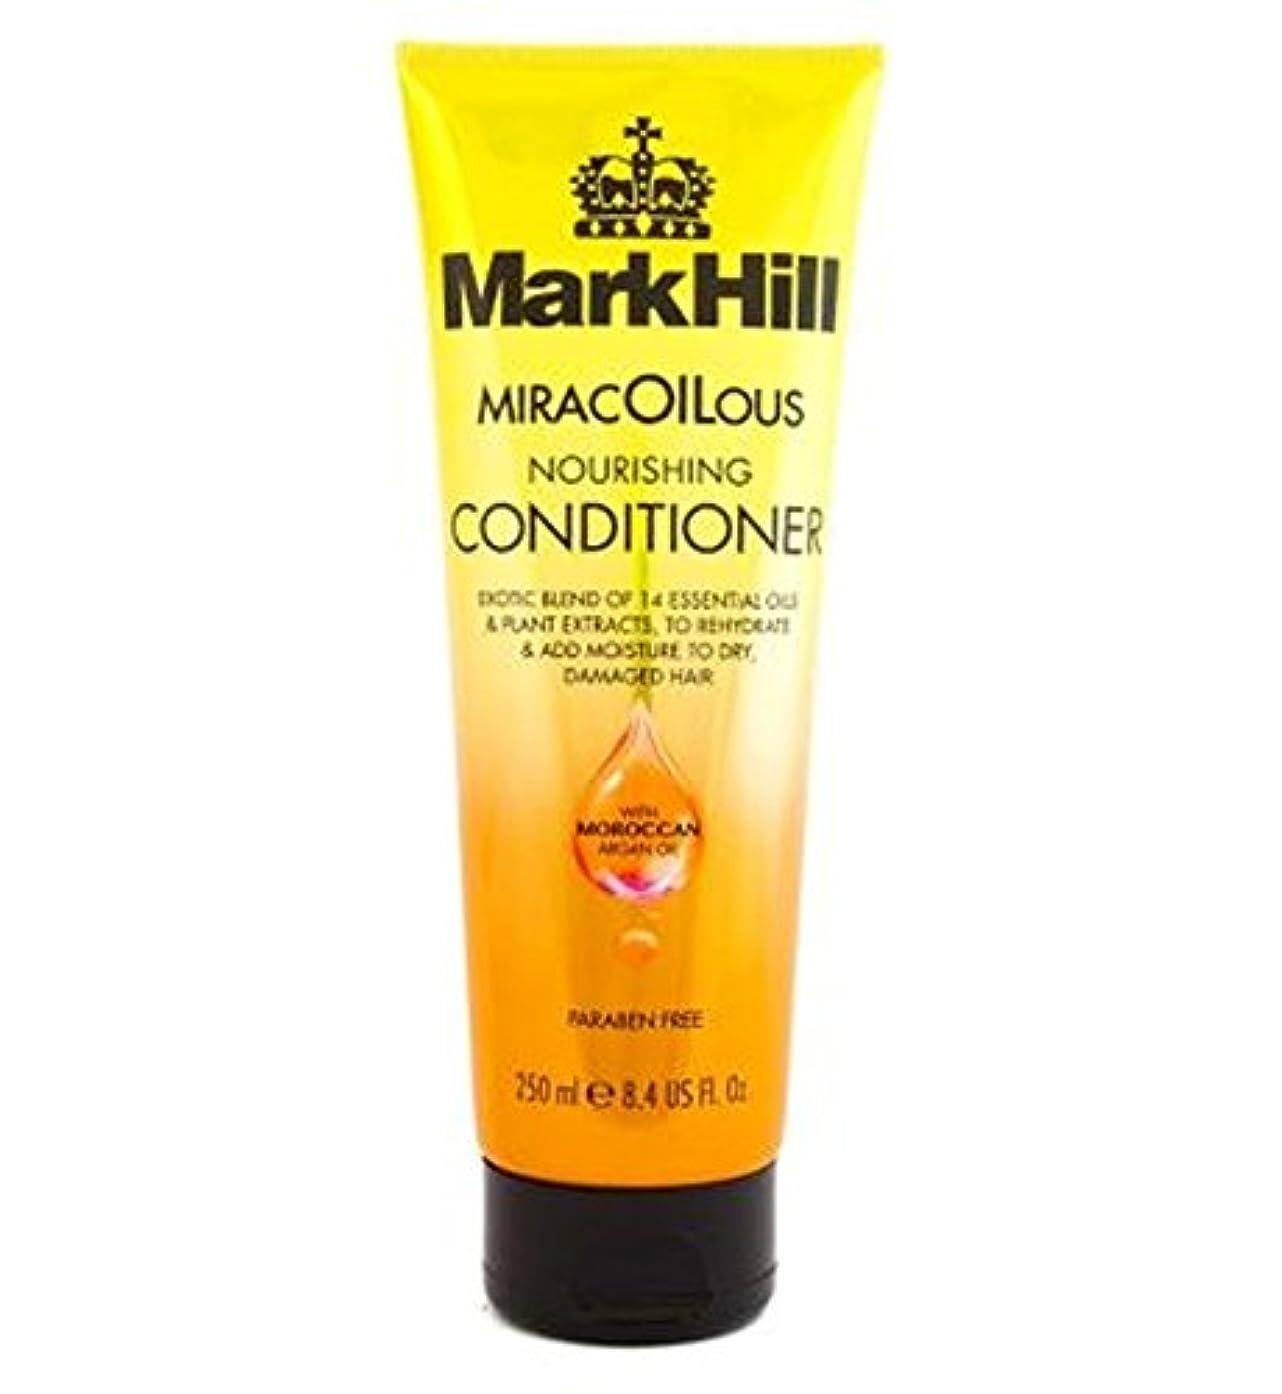 刺激する富聴覚障害者マーク丘Miracoiliciousコンディショナー250Ml (Mark Hill) (x2) - Mark Hill MiracOILicious Conditioner 250ml (Pack of 2) [並行輸入品]